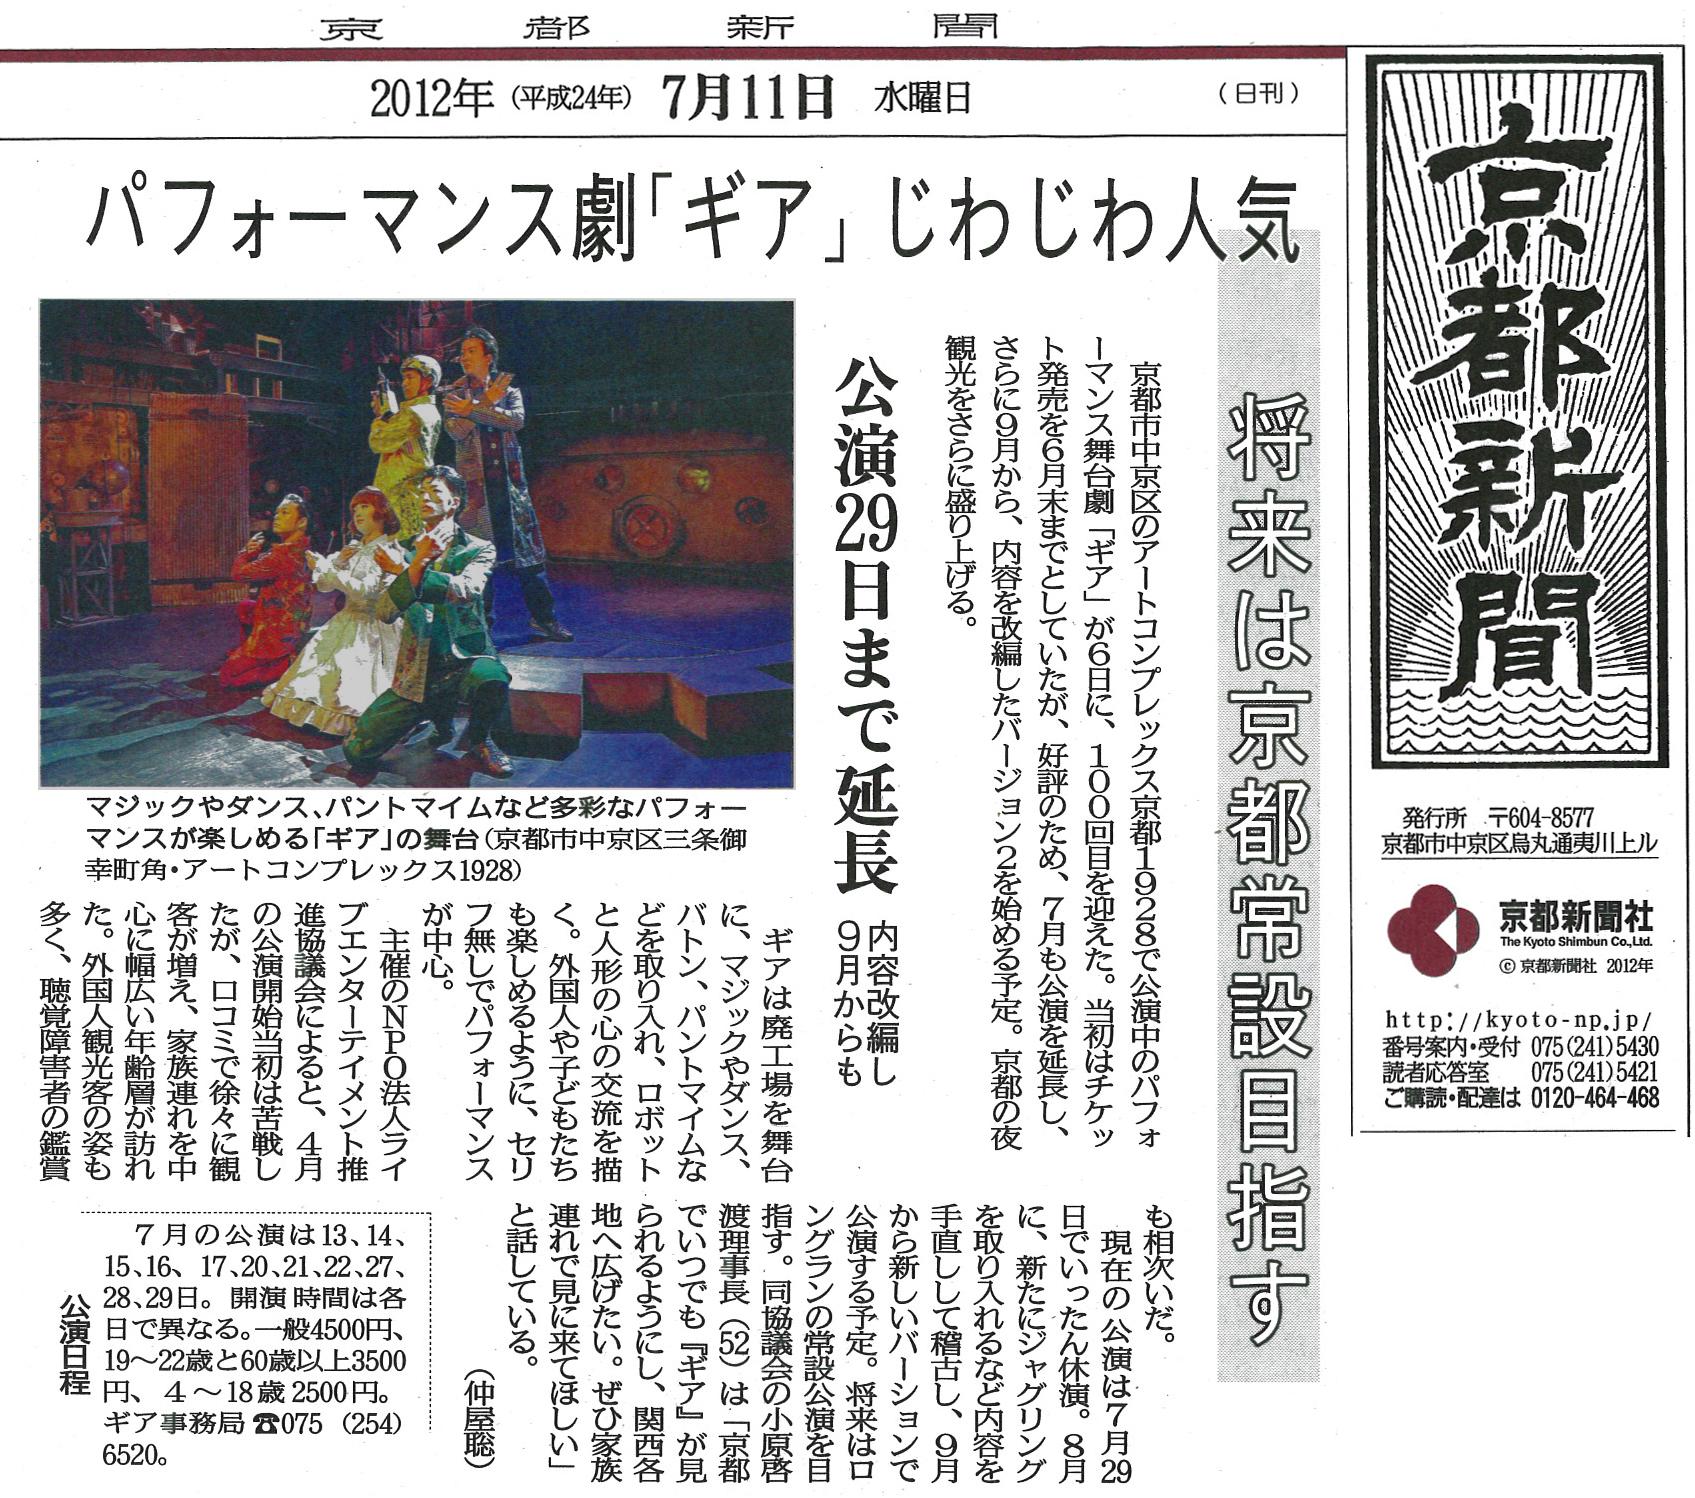 20120711-2012_07_11_kyotoshinbun.jpg